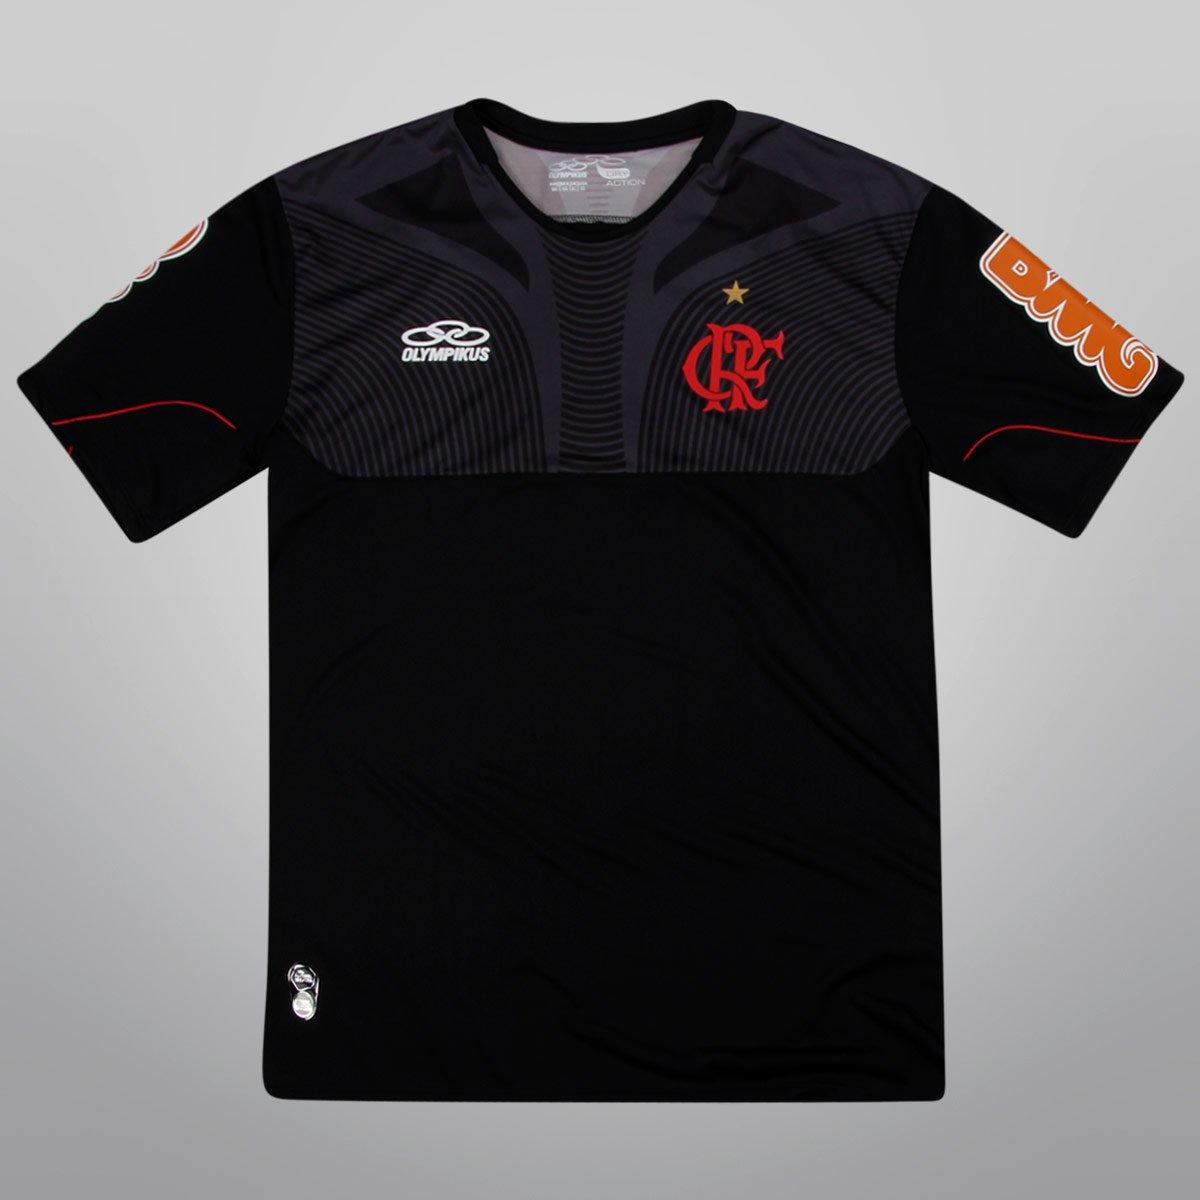 Camisa Olympikus Flamengo Treino 2012 - Compre Agora  f1aeccaf2b3f2